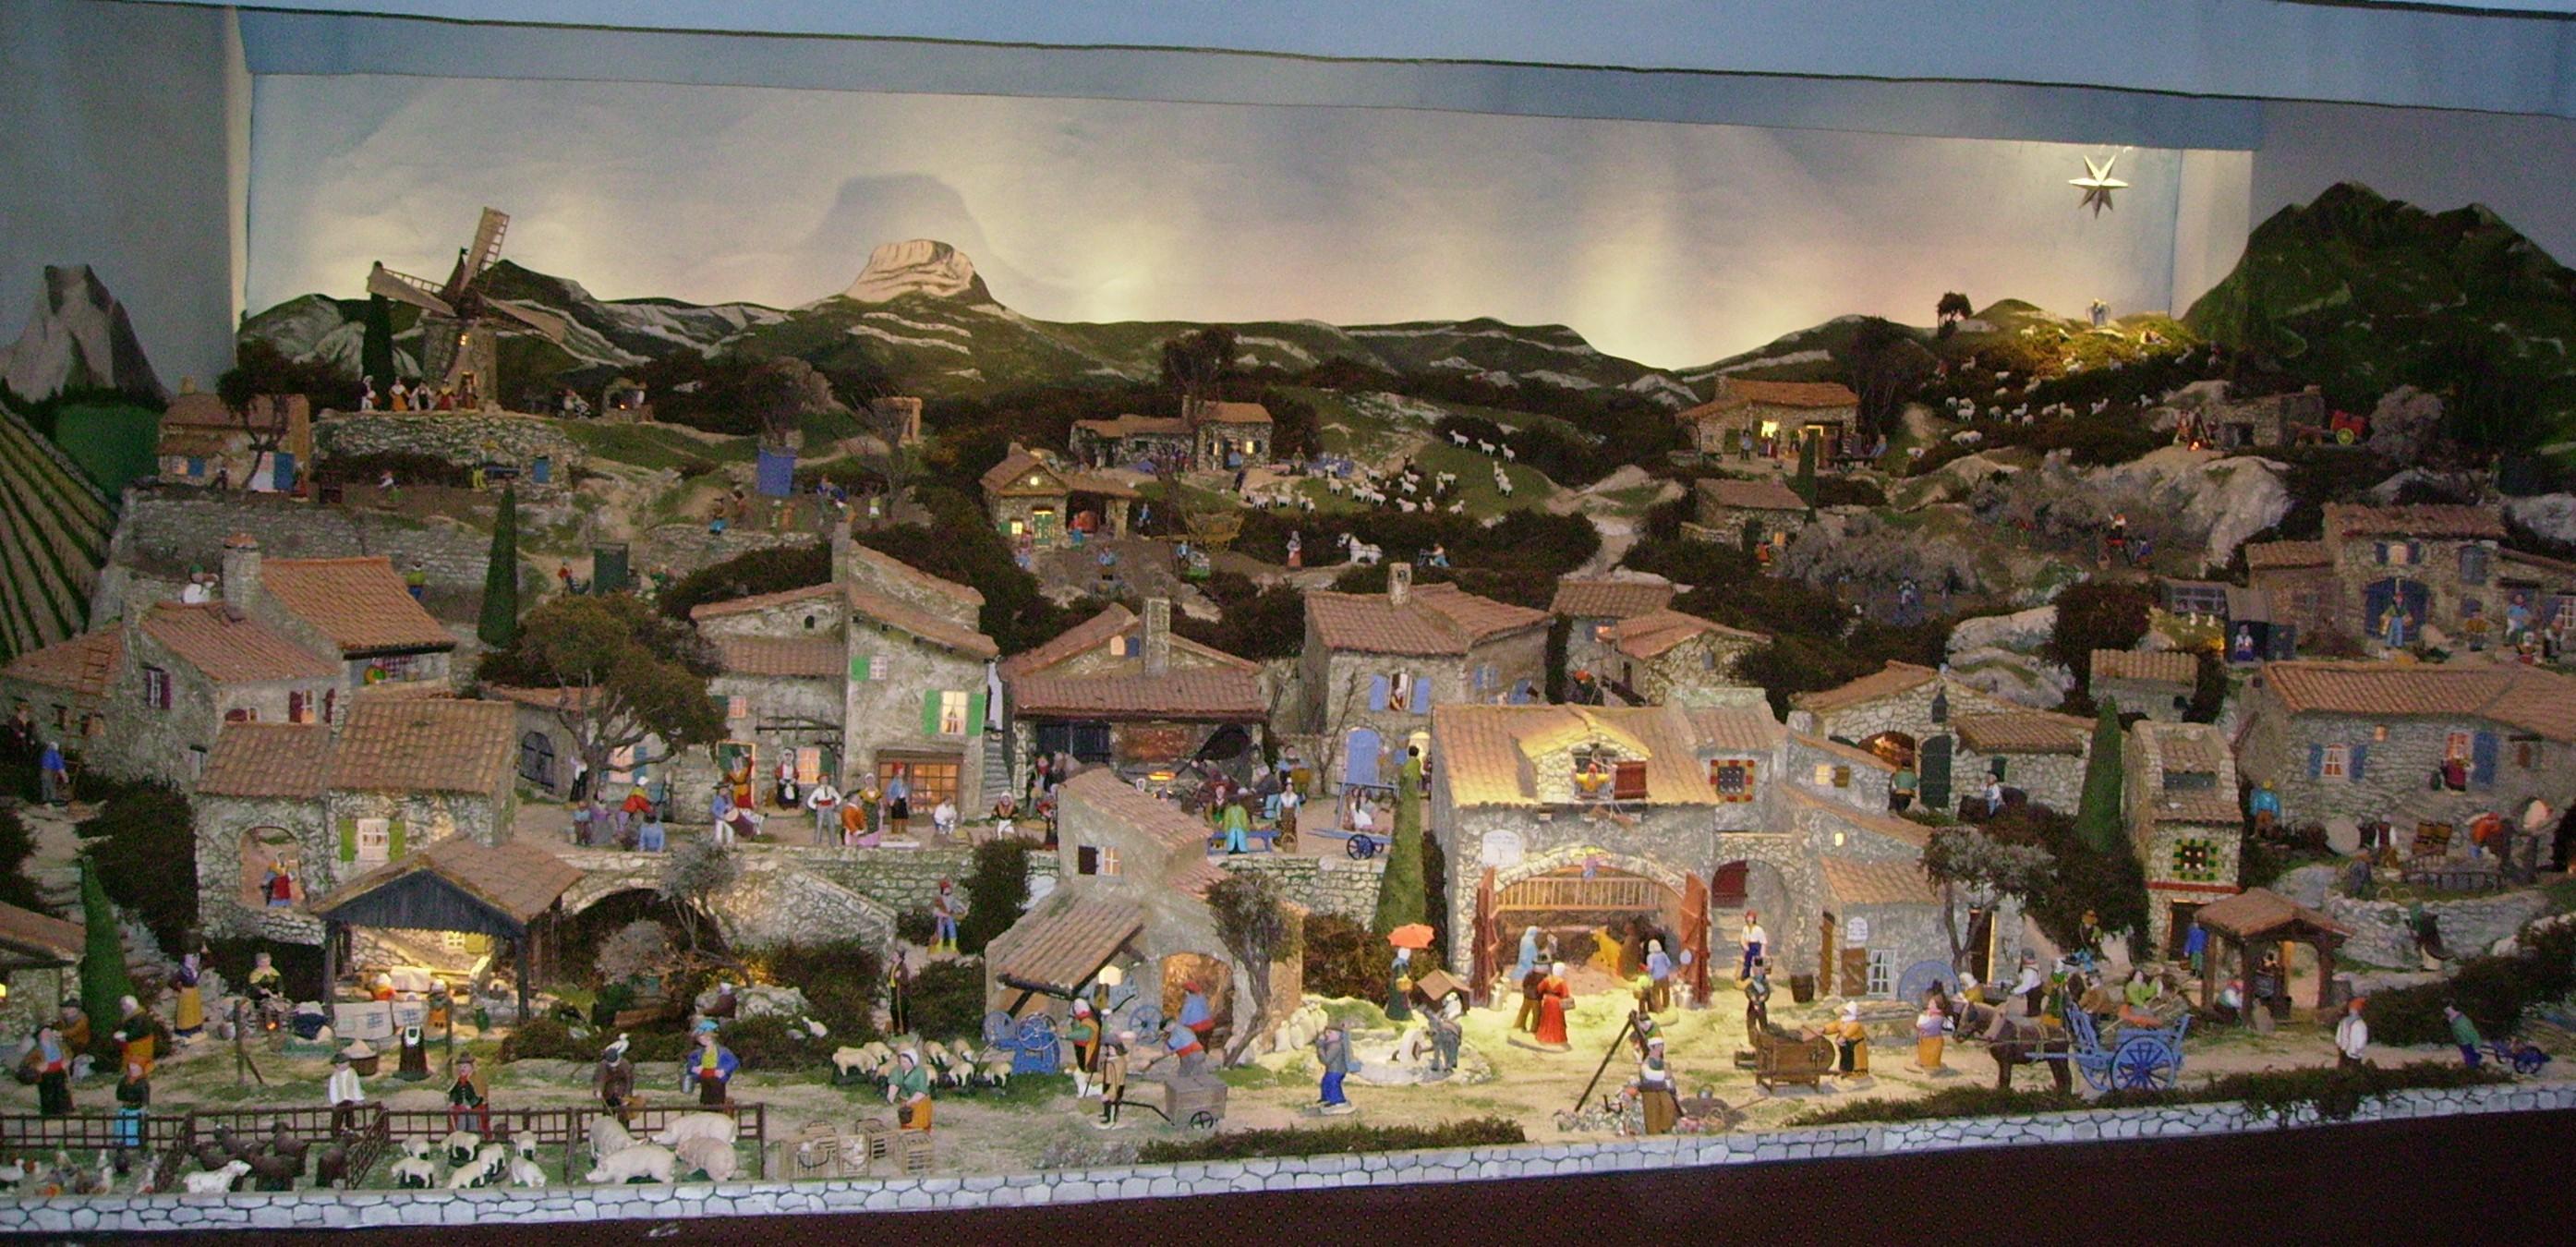 Patrimoine immanquable mairie de cotignac village de for Decoration pour creche de noel